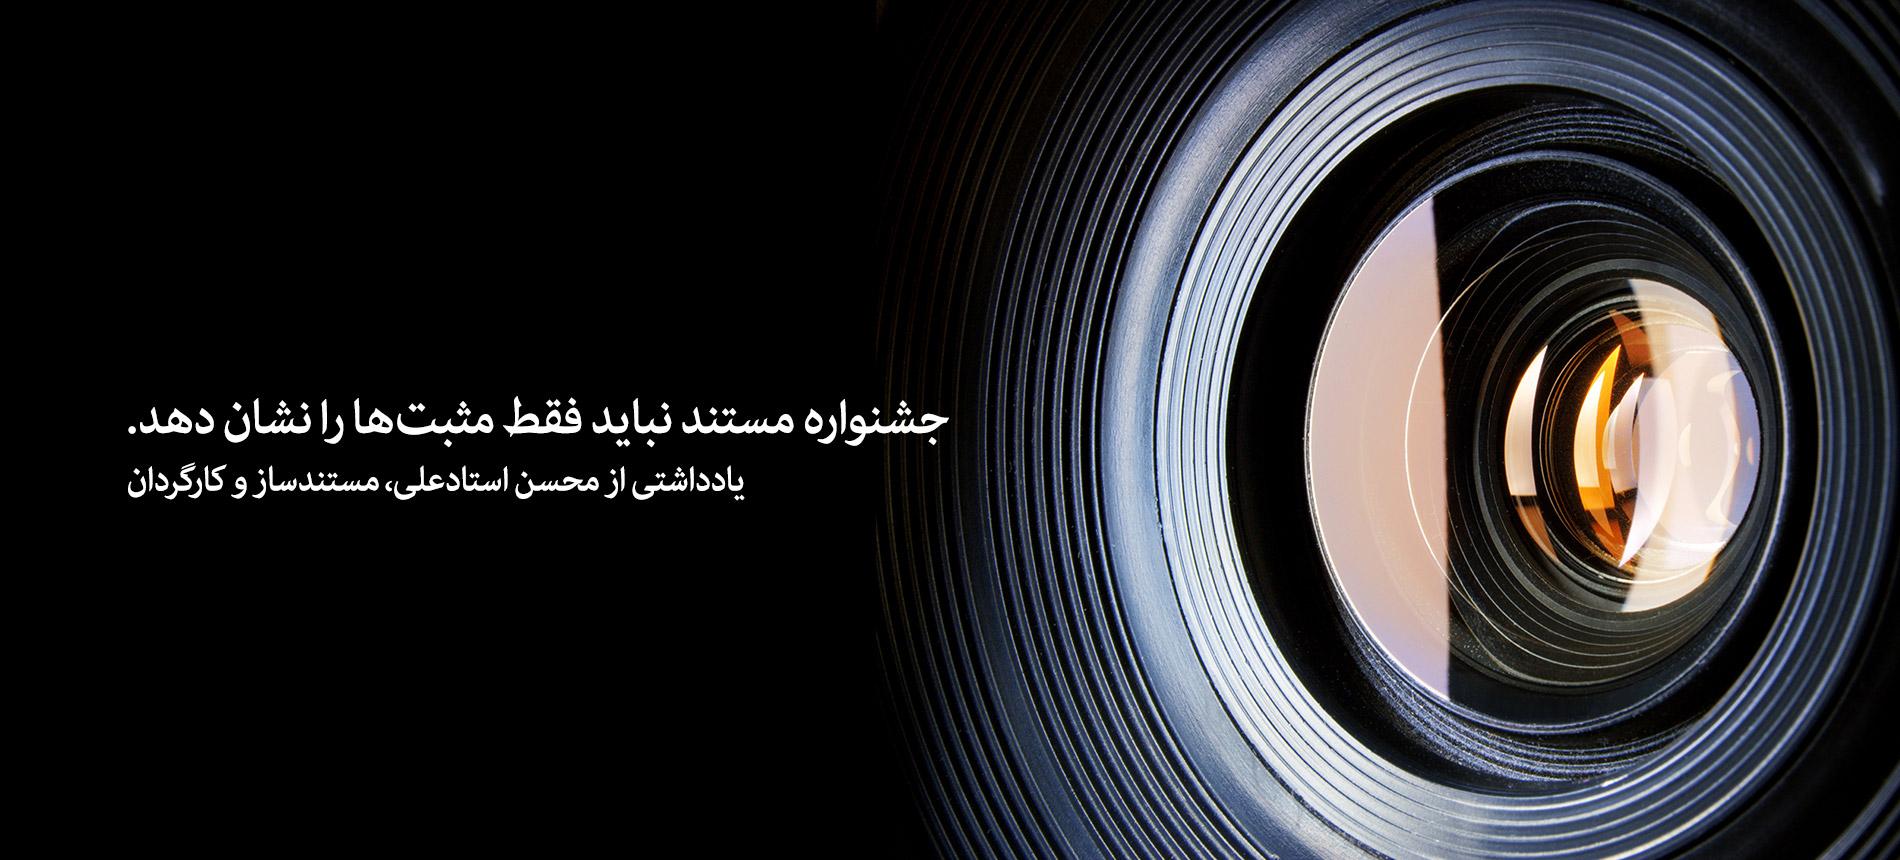 جشنواره مستند نباید فقط مثبت ها را نشان دهد/ یادداشتی از محسن استادعلی، مستندساز و کارگردان